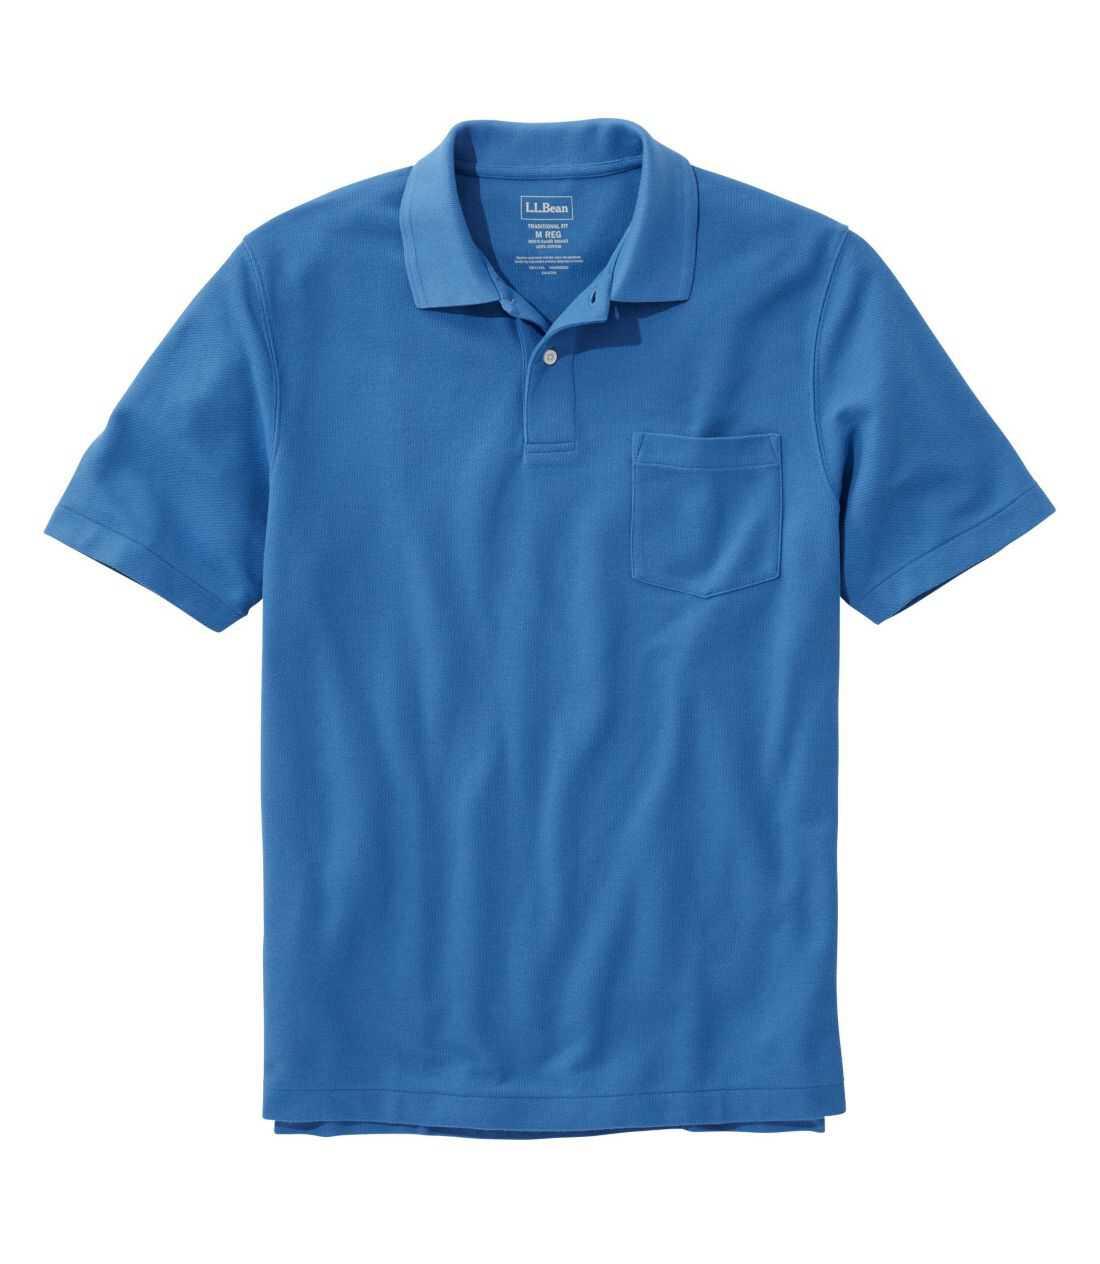 プレミアム・ダブル・エル・ポロシャツ、半袖 ポケット付き